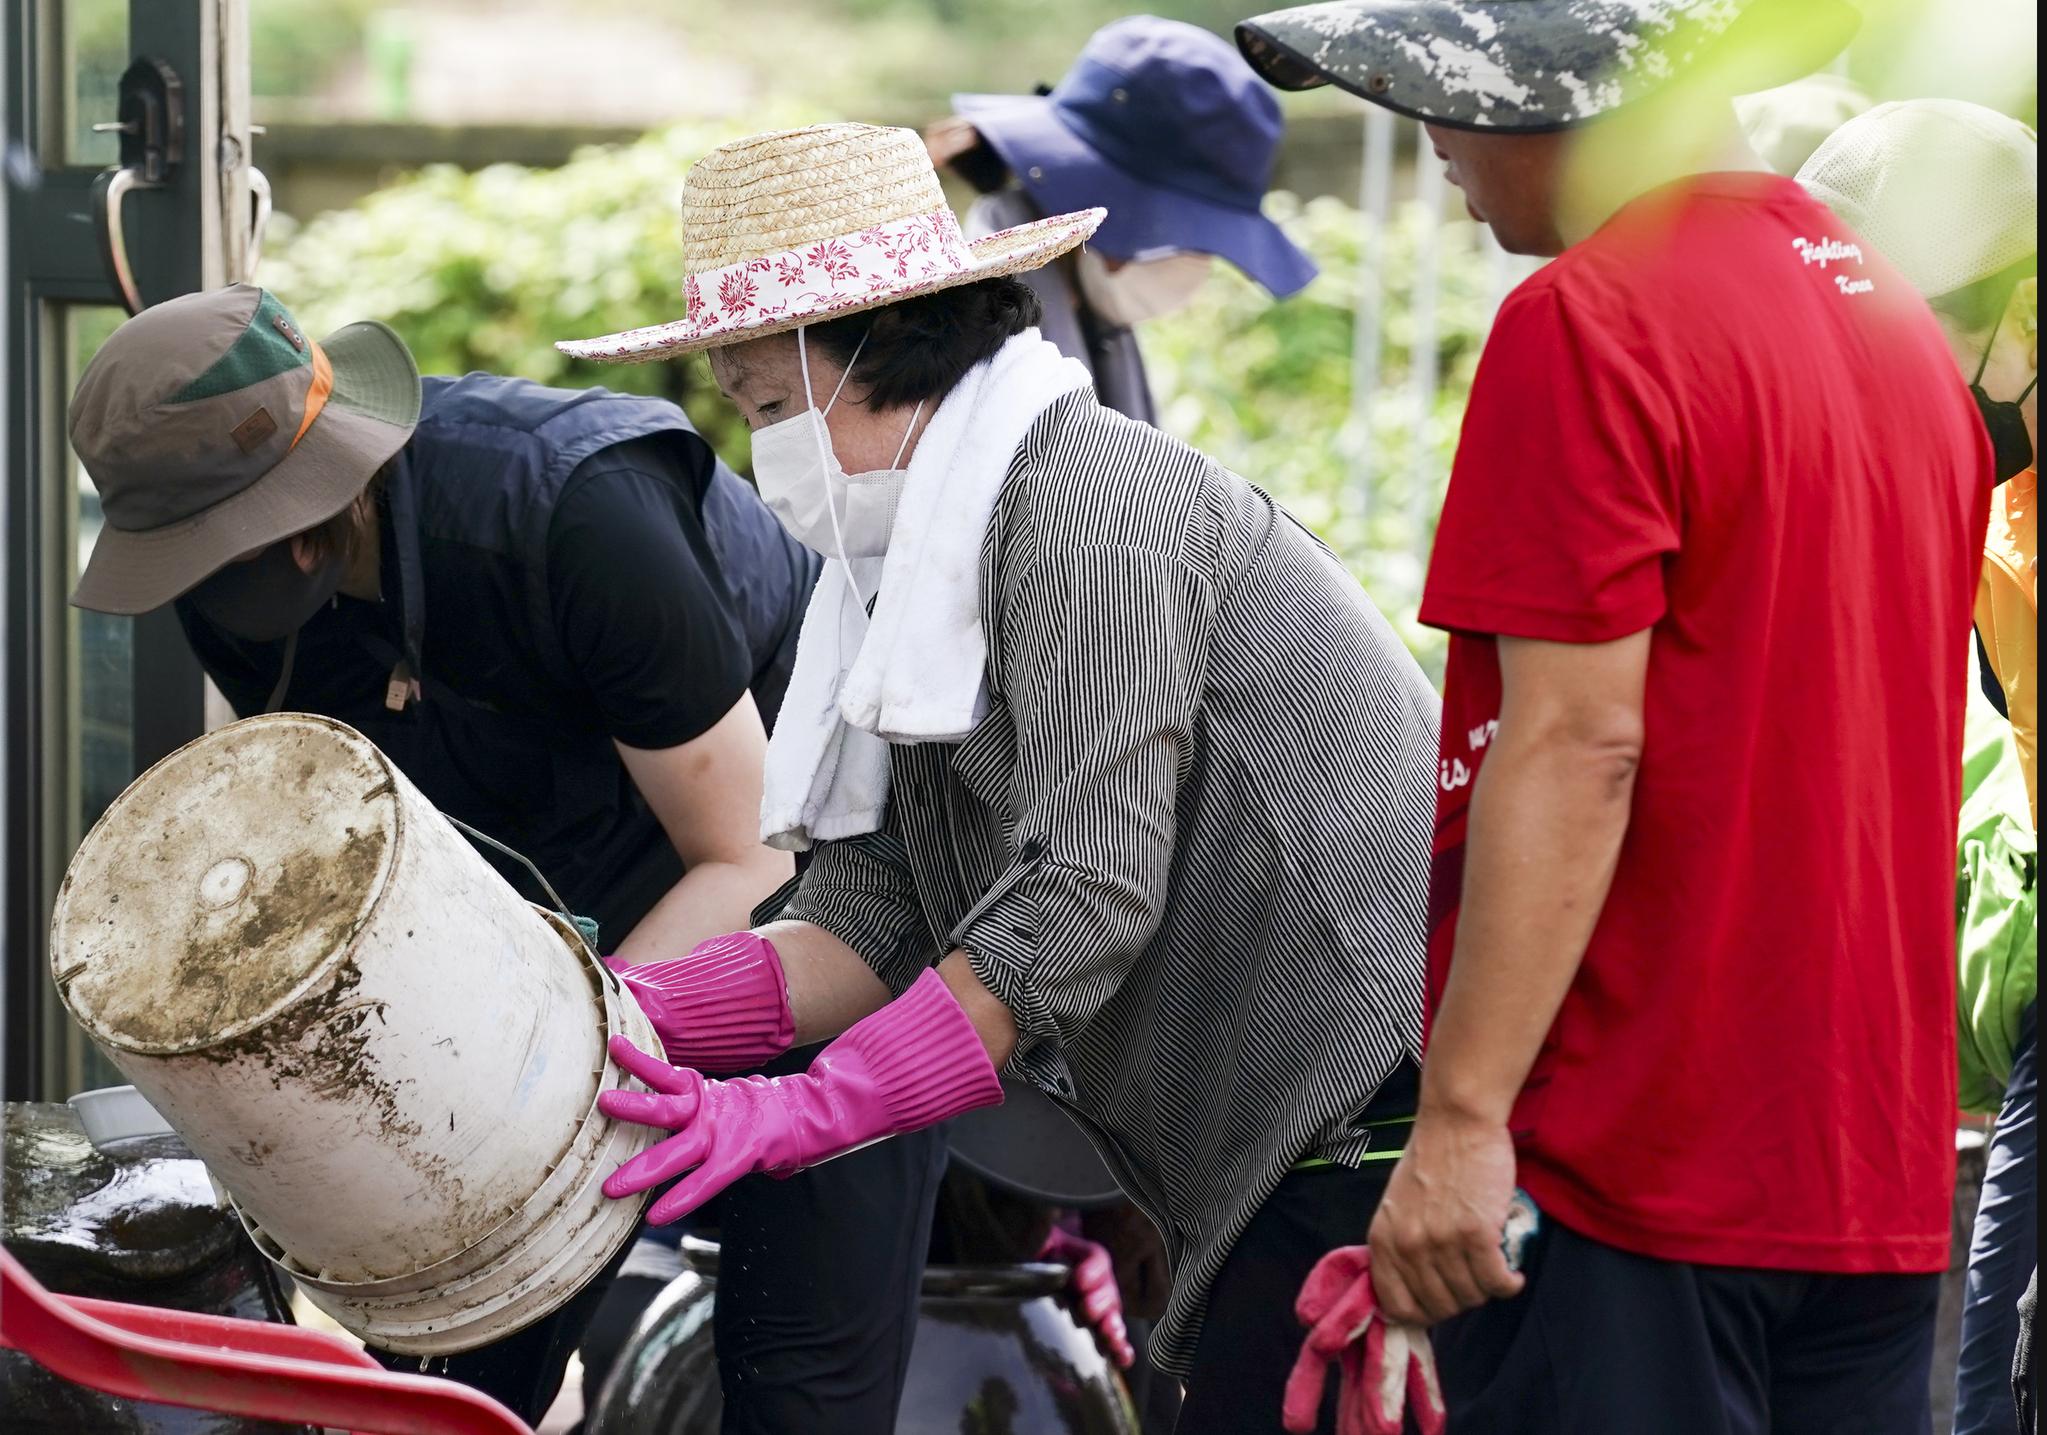 김정숙 여사가 12일 강원 철원군 동송읍 이길리 마을에서 수해 복구 봉사활동을 하고 있다. 사진 청와대